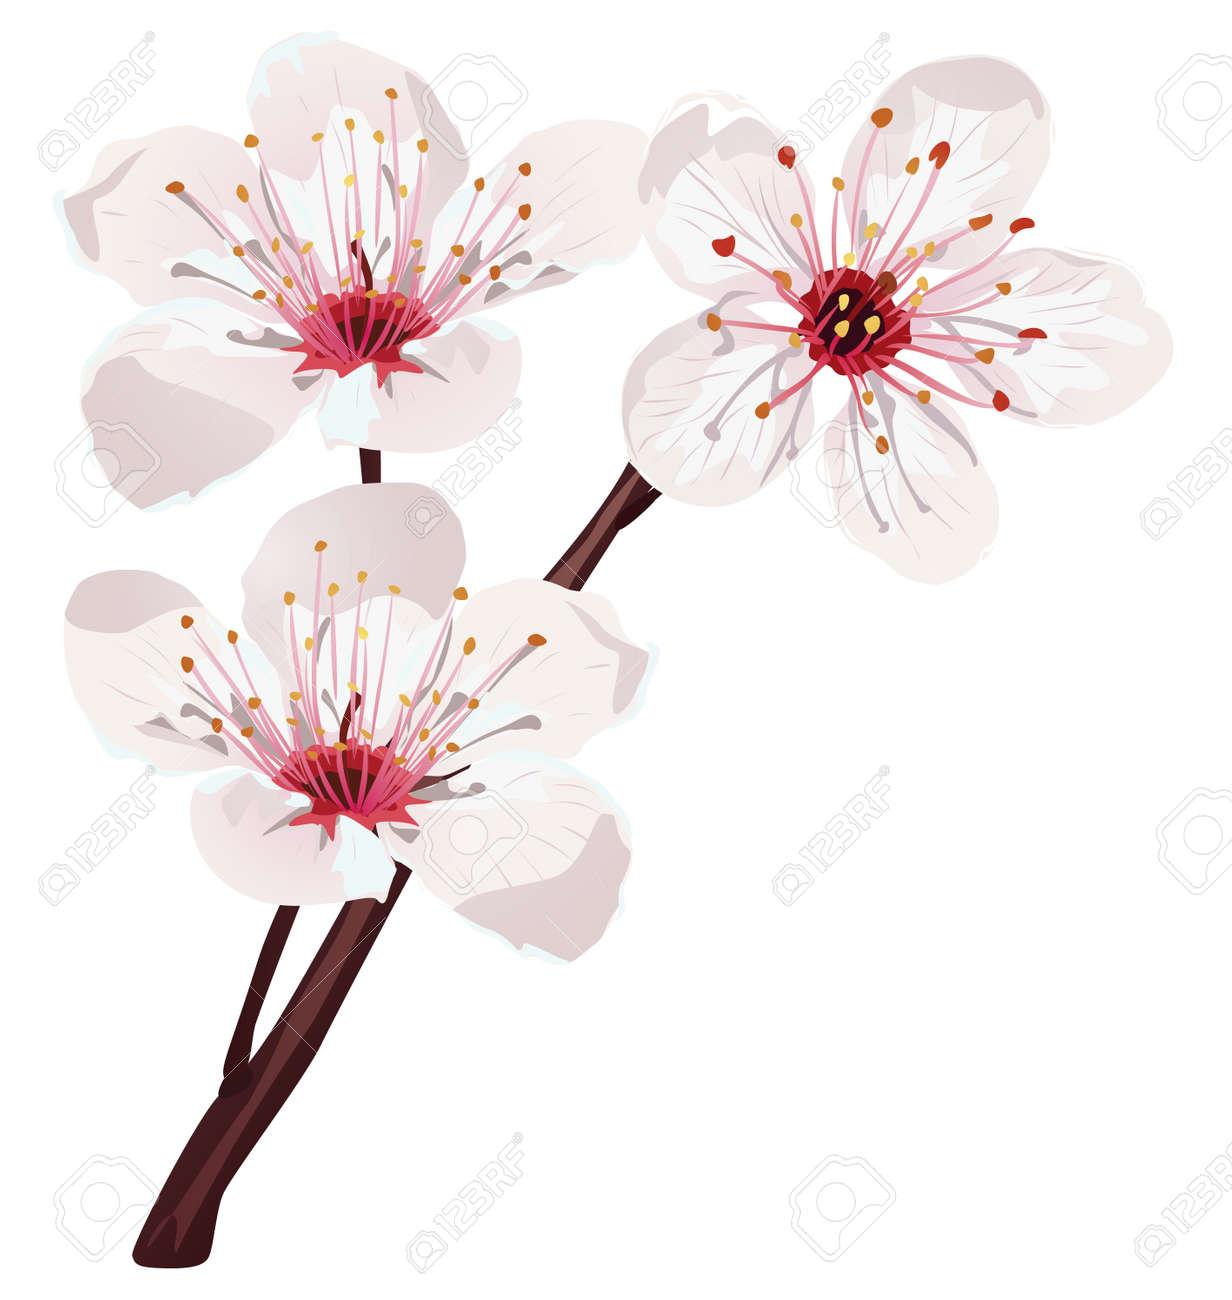 cherry blossom - 15017302